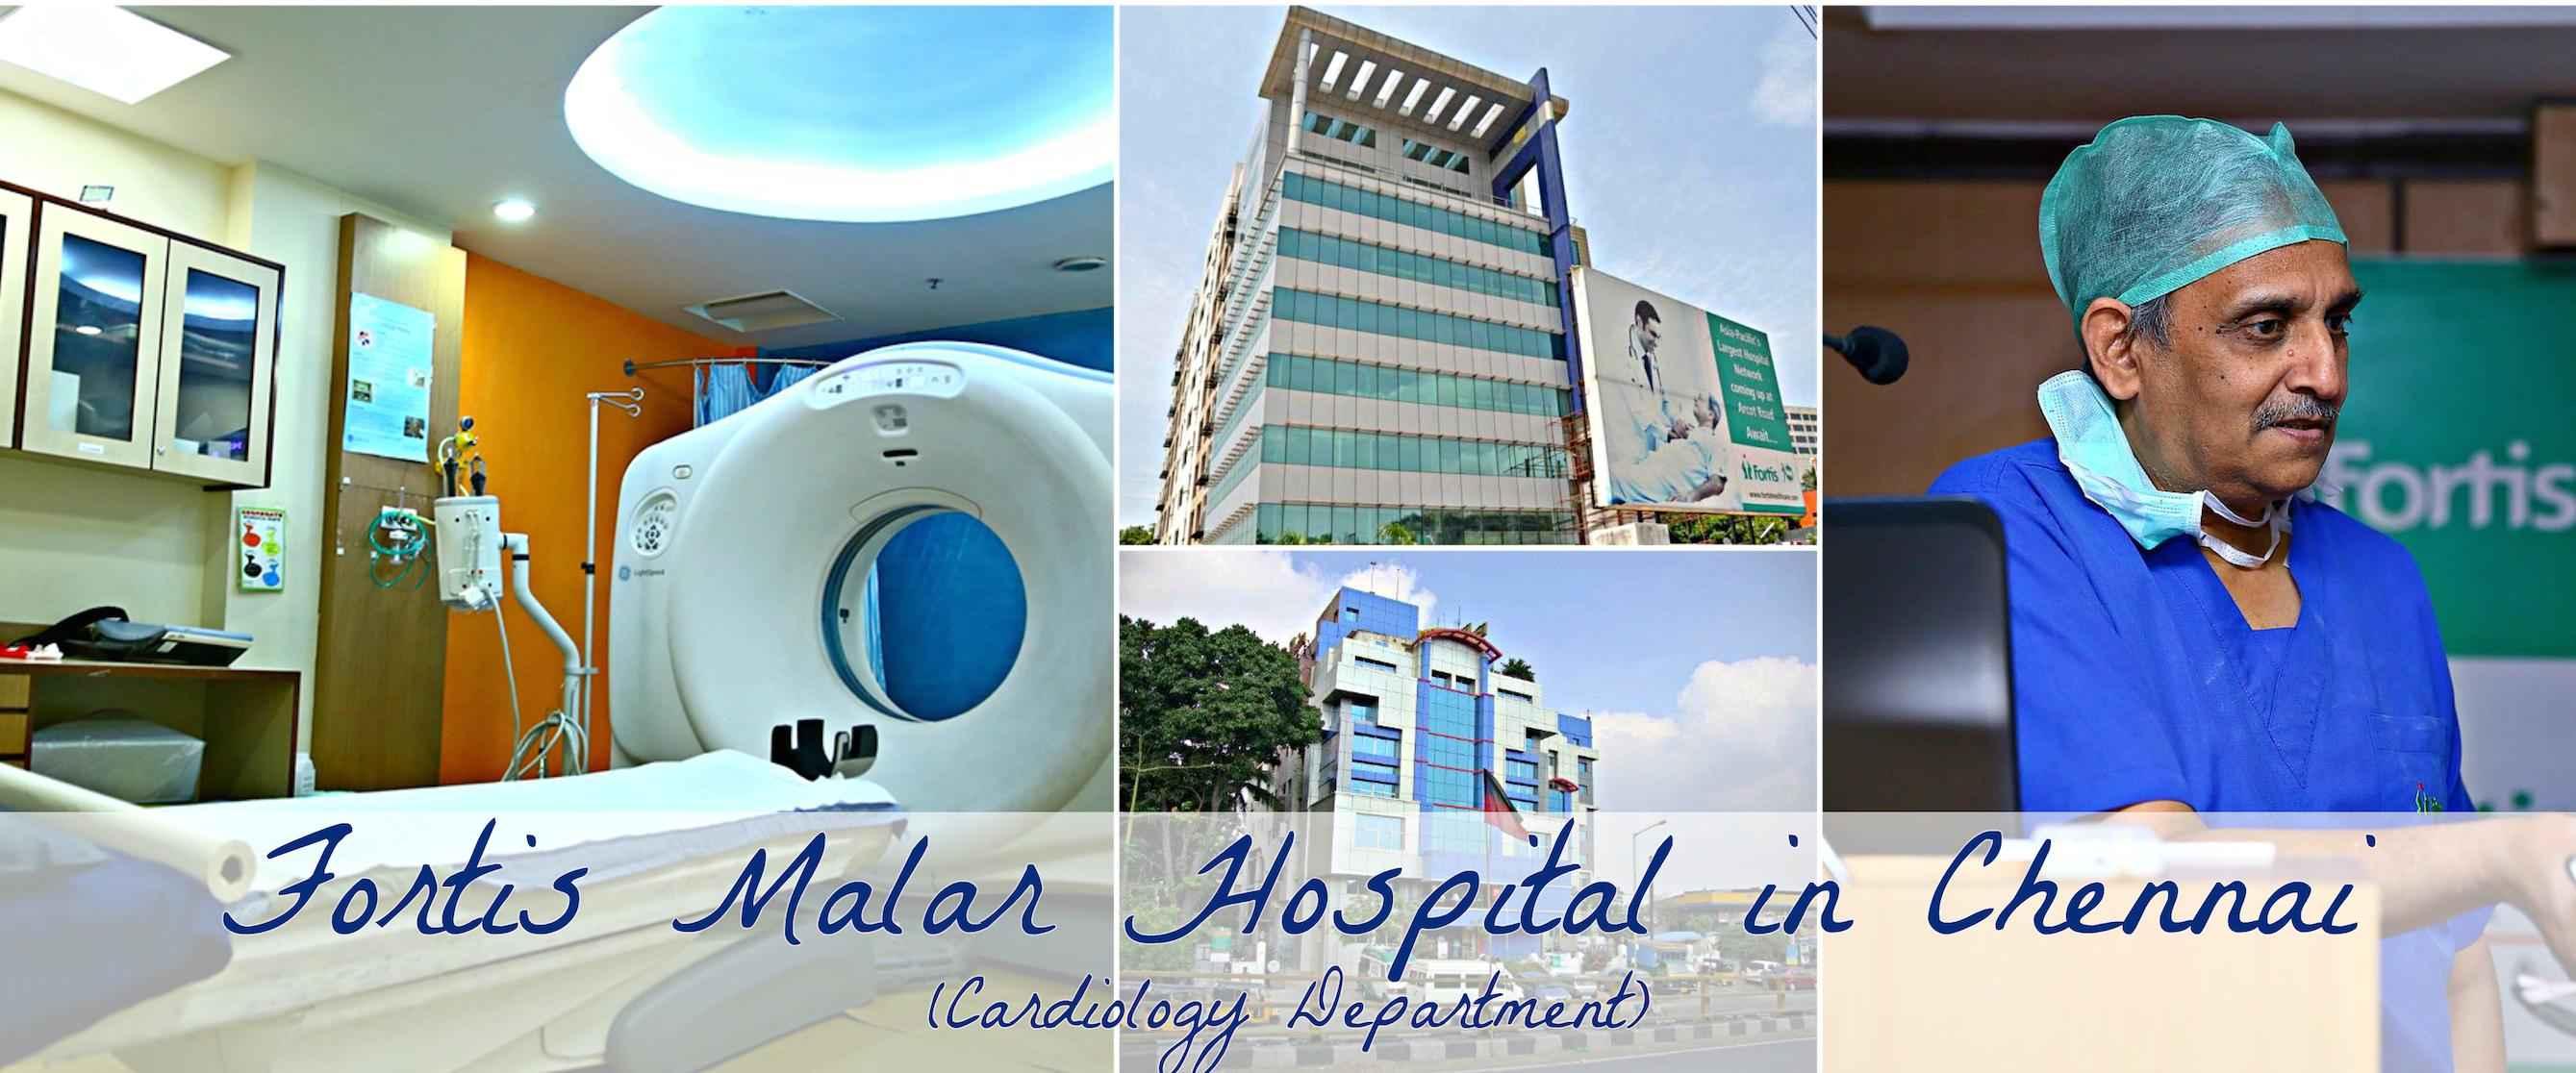 malar hospital chennai.jpg